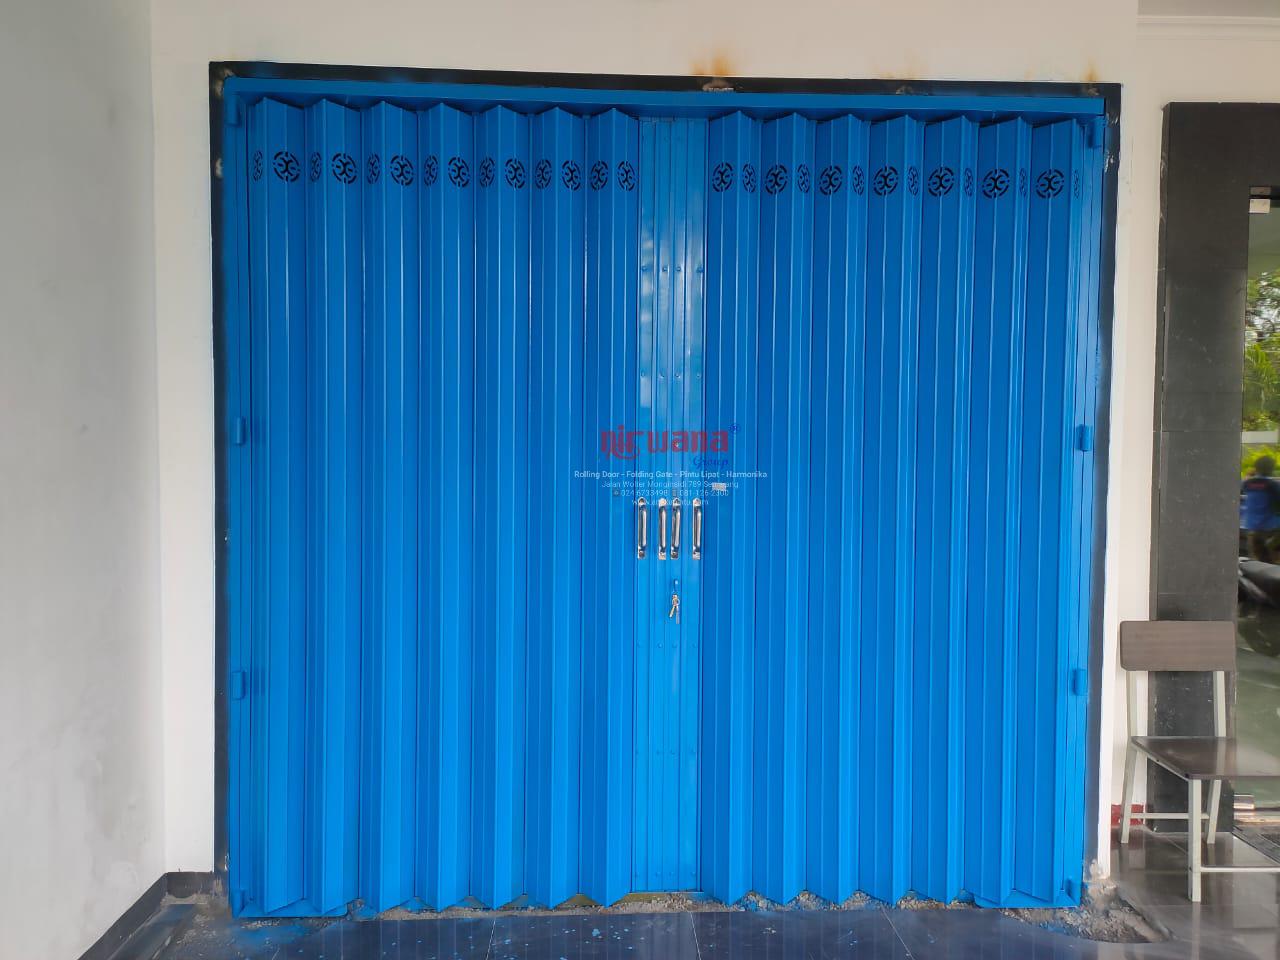 Pemasangan-Pintu-Harmonika-Rasional-B-di-Bank-BKE-Jl-A.Yani-Semarang-Jawa-Tengah